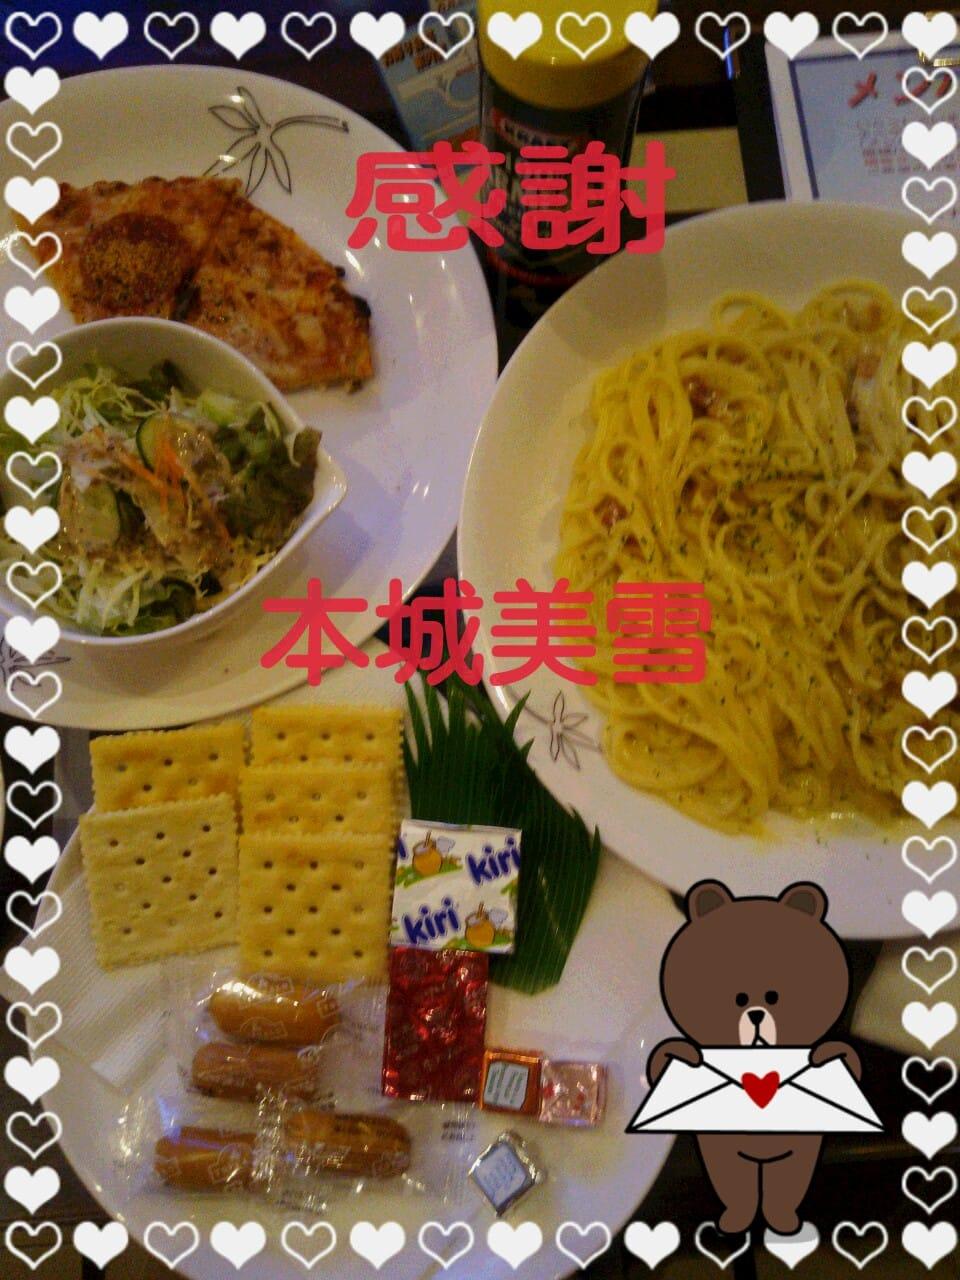 「心より…お礼♪」02/18(02/18) 01:18 | 本城美雪の写メ・風俗動画